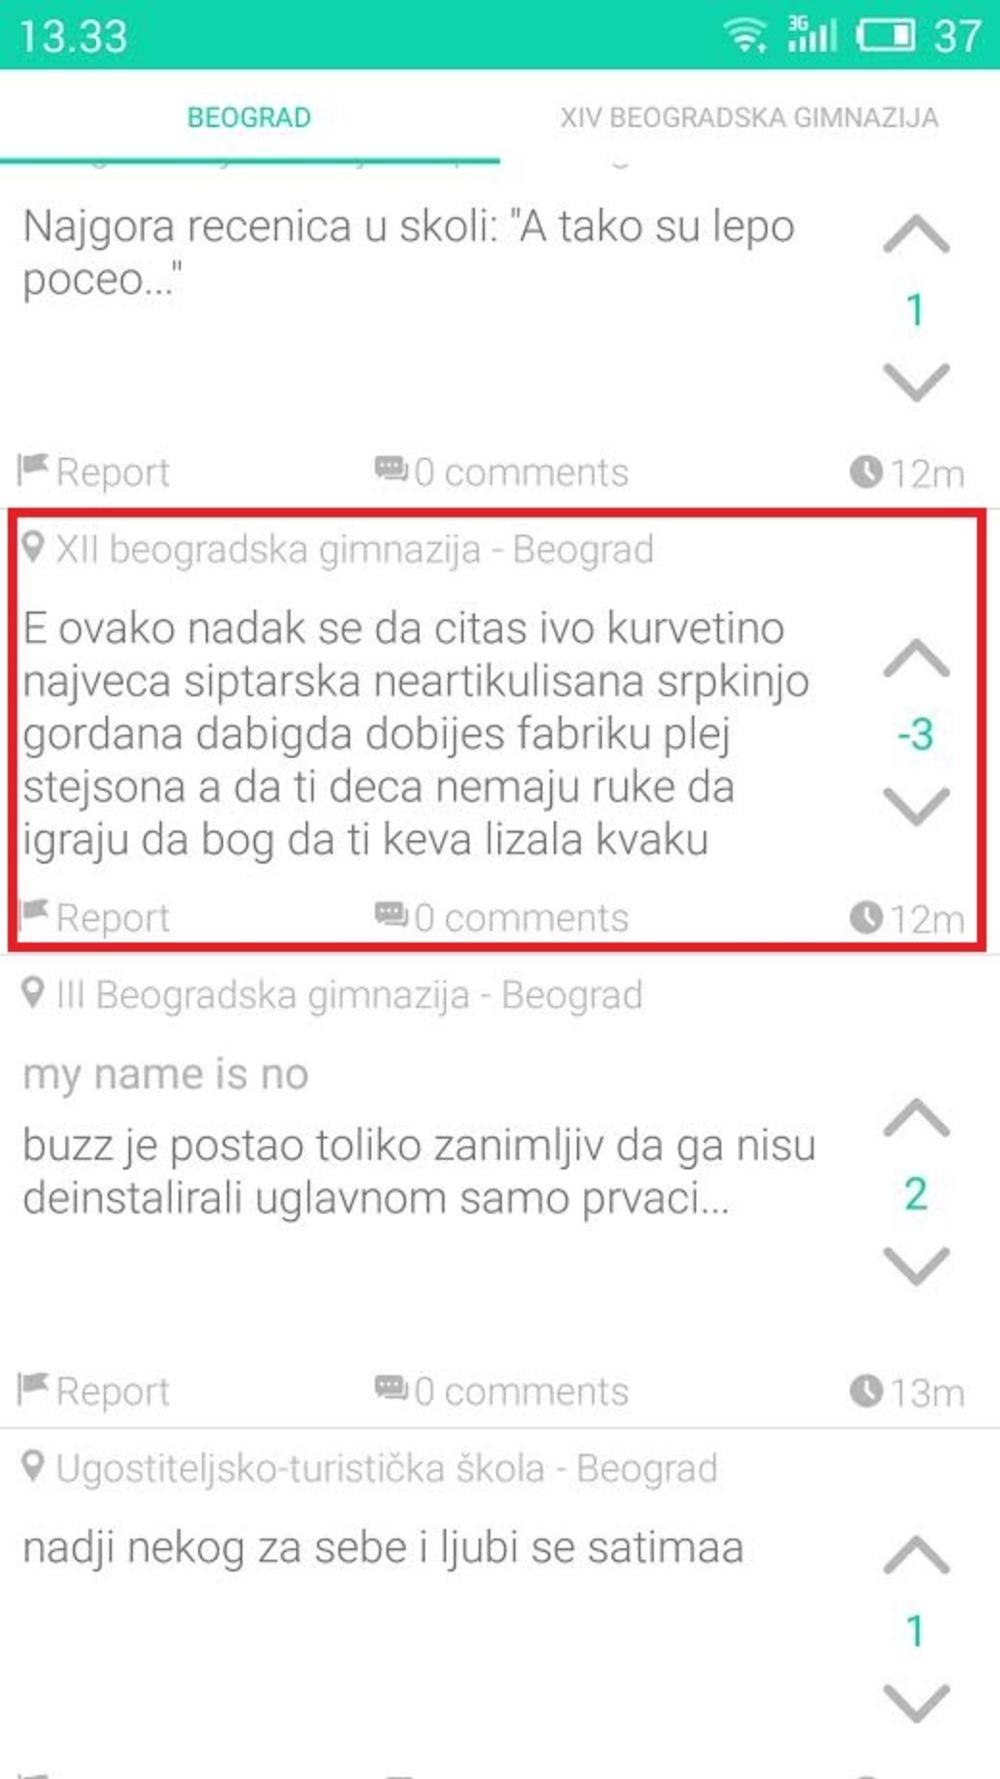 Buzz aplikacija